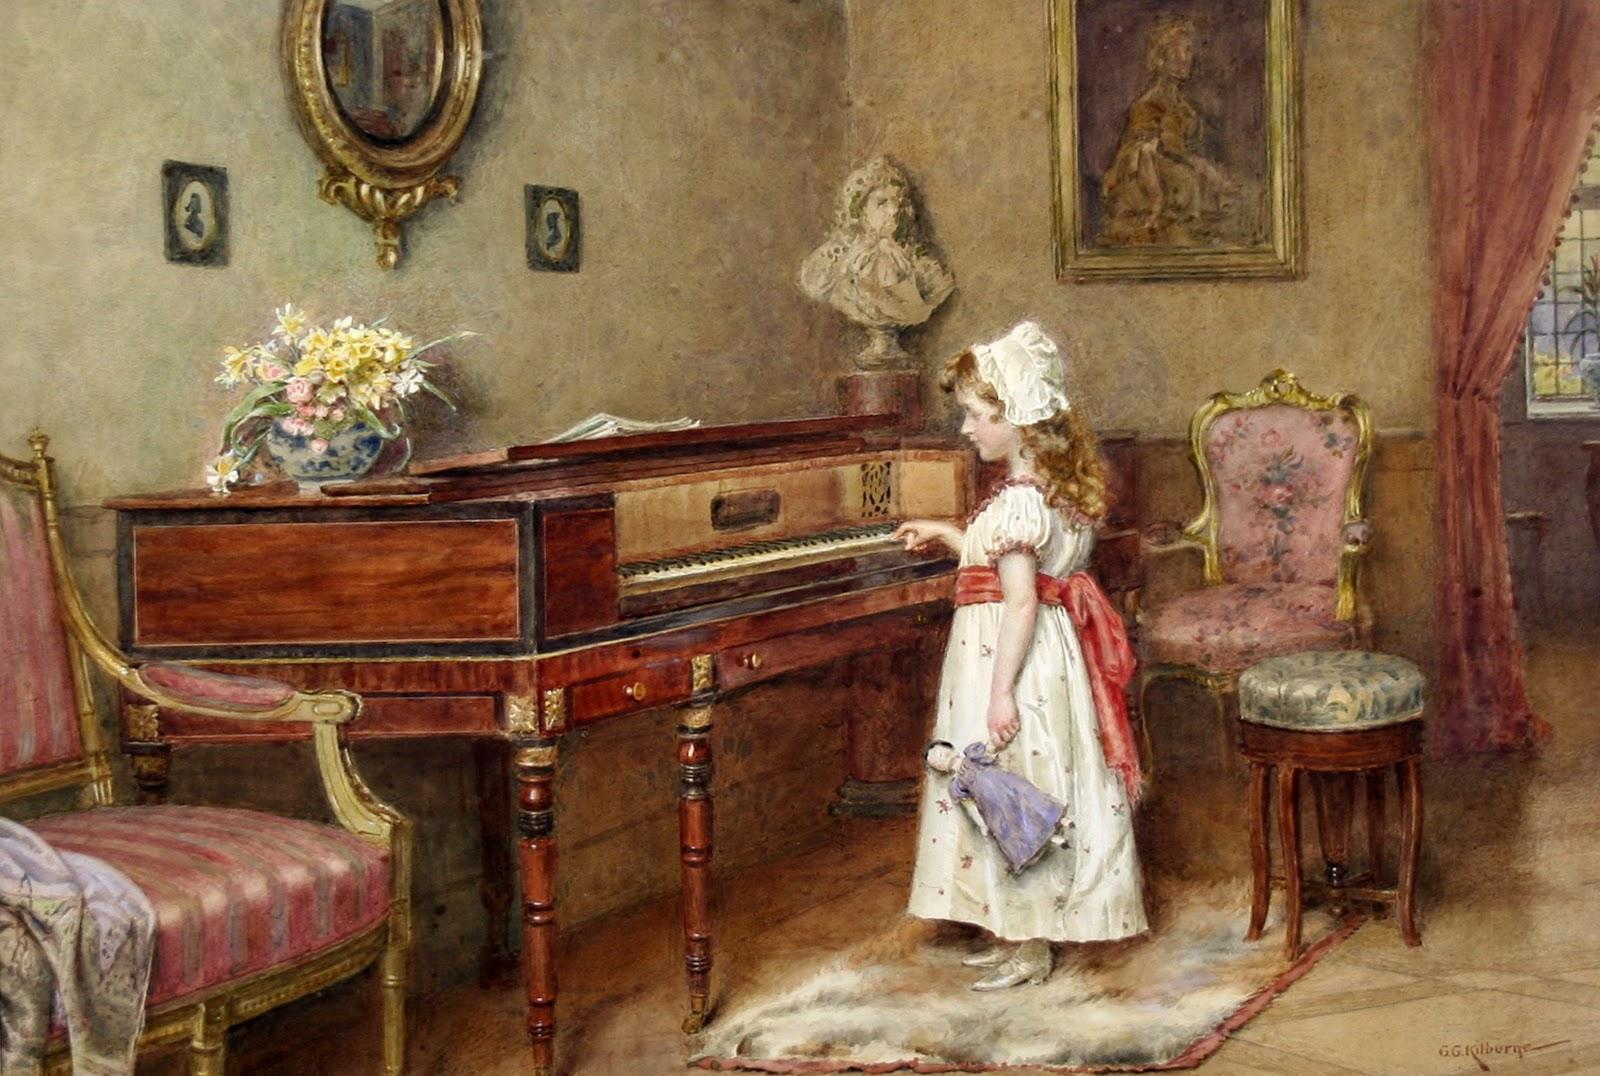 PİYANO NASIL SES VERIR SESİN OLUŞMASI VE ÖZELLİKLERİ Piyano Kız çocuğu Bilgiler Çalgı Enstrümanı Çal Nedir Bilgi Sözlük Pianist Piyanolar Konseri Dinleti Çalma